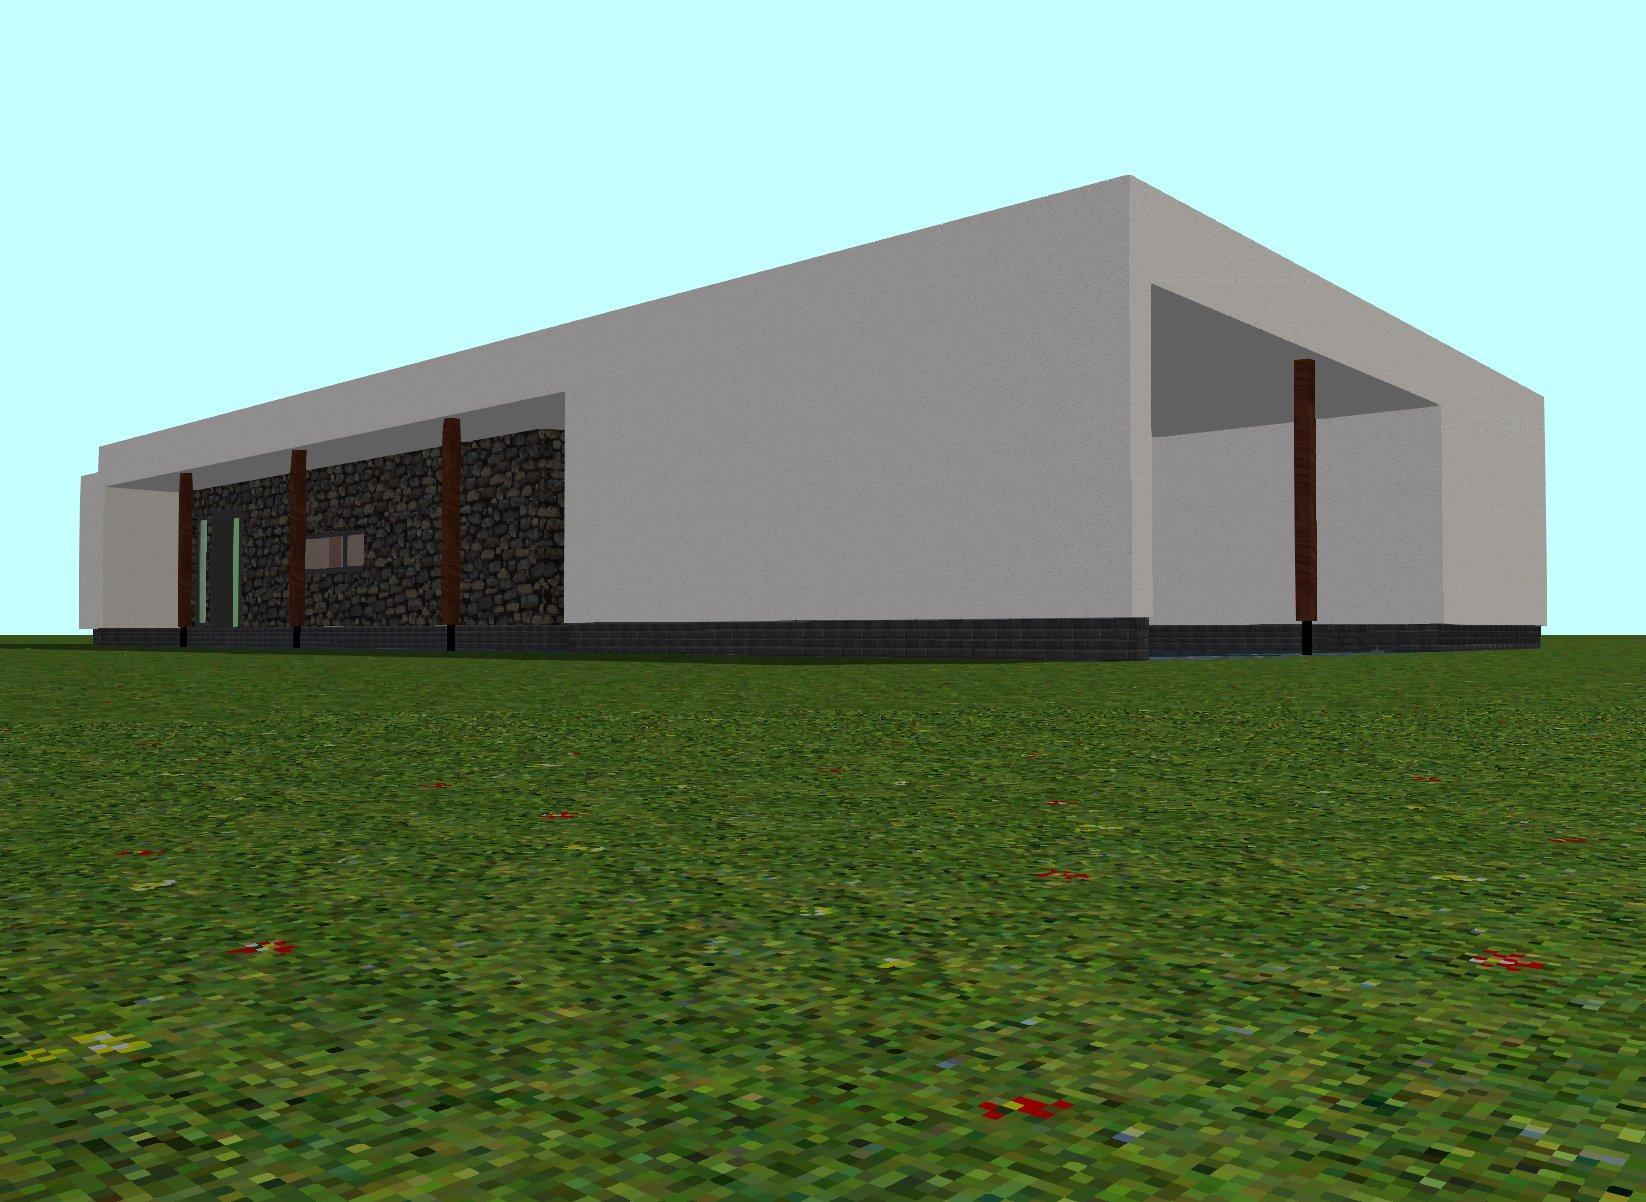 Projekt RD - dřevostavba, fma Celet s. r. o. - Obrázek č. 5